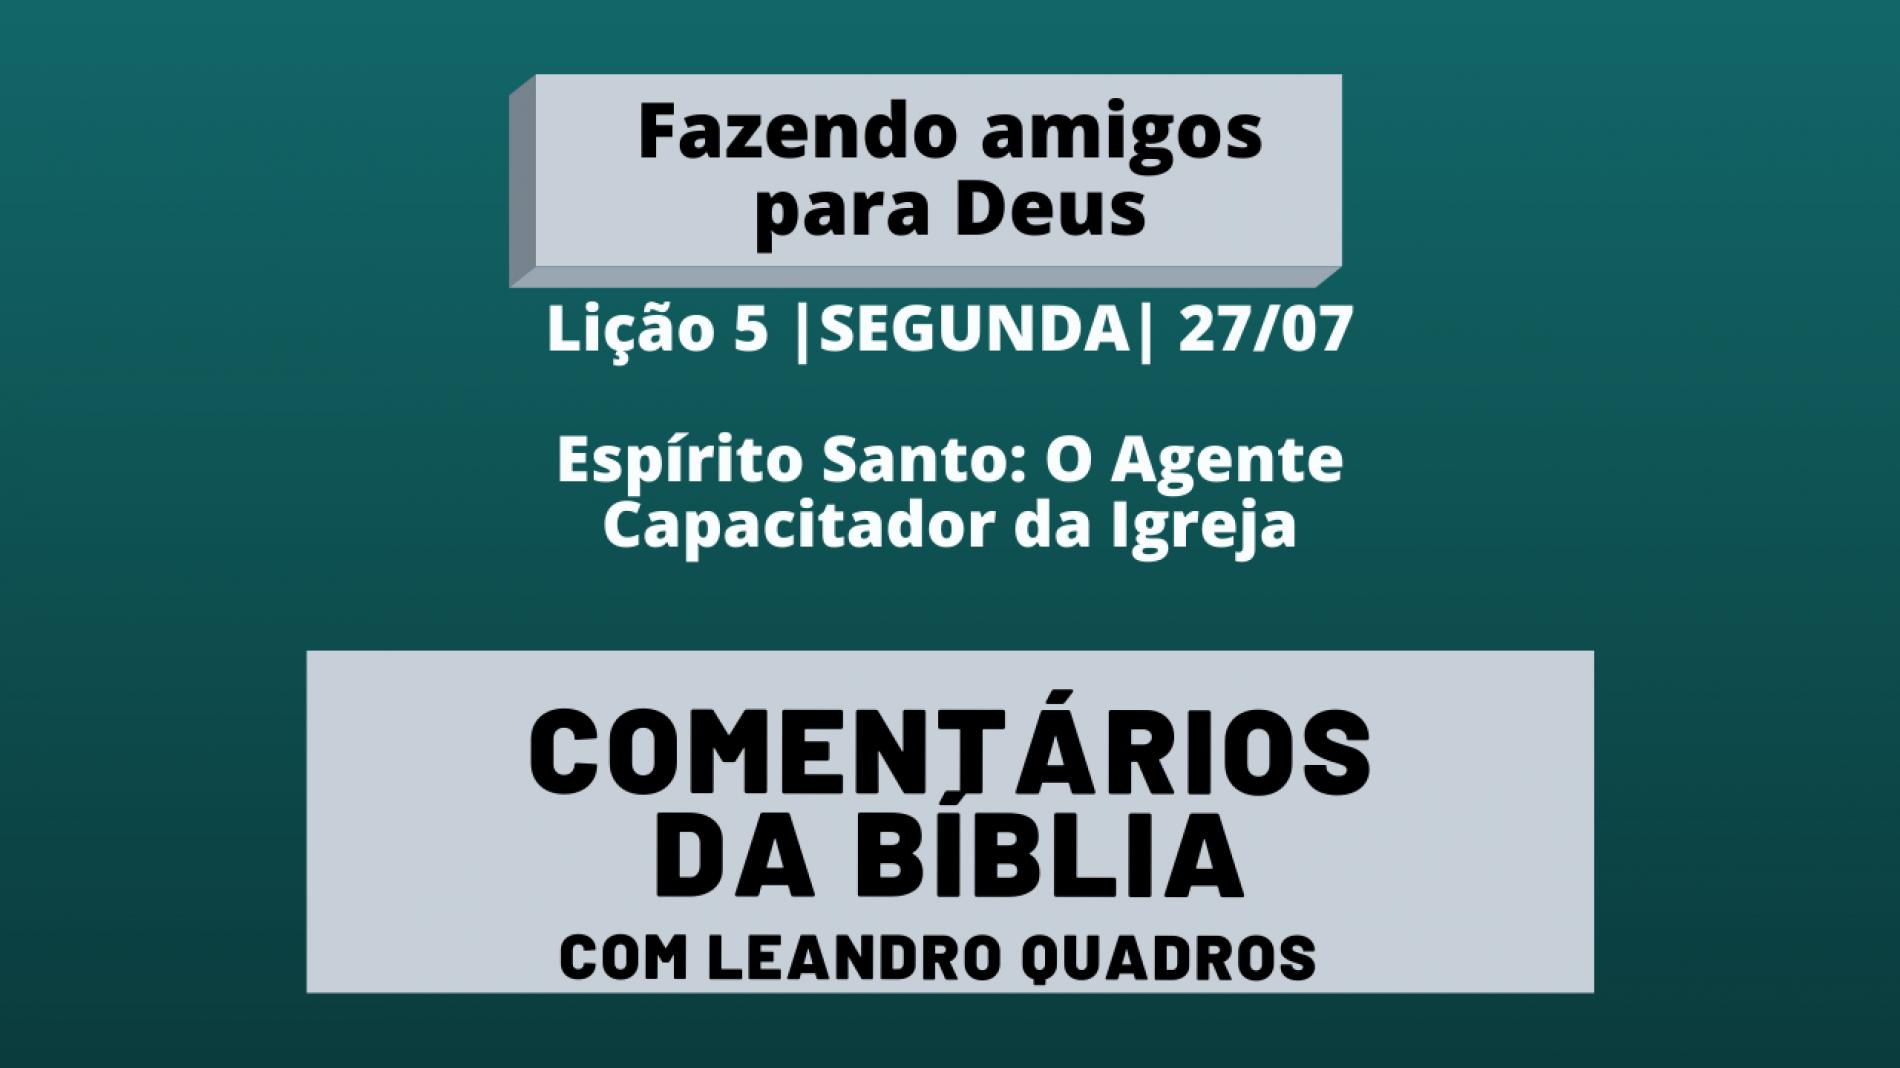 Segunda 27/07 – Espírito Santo: O Agente Capacitador da Igreja